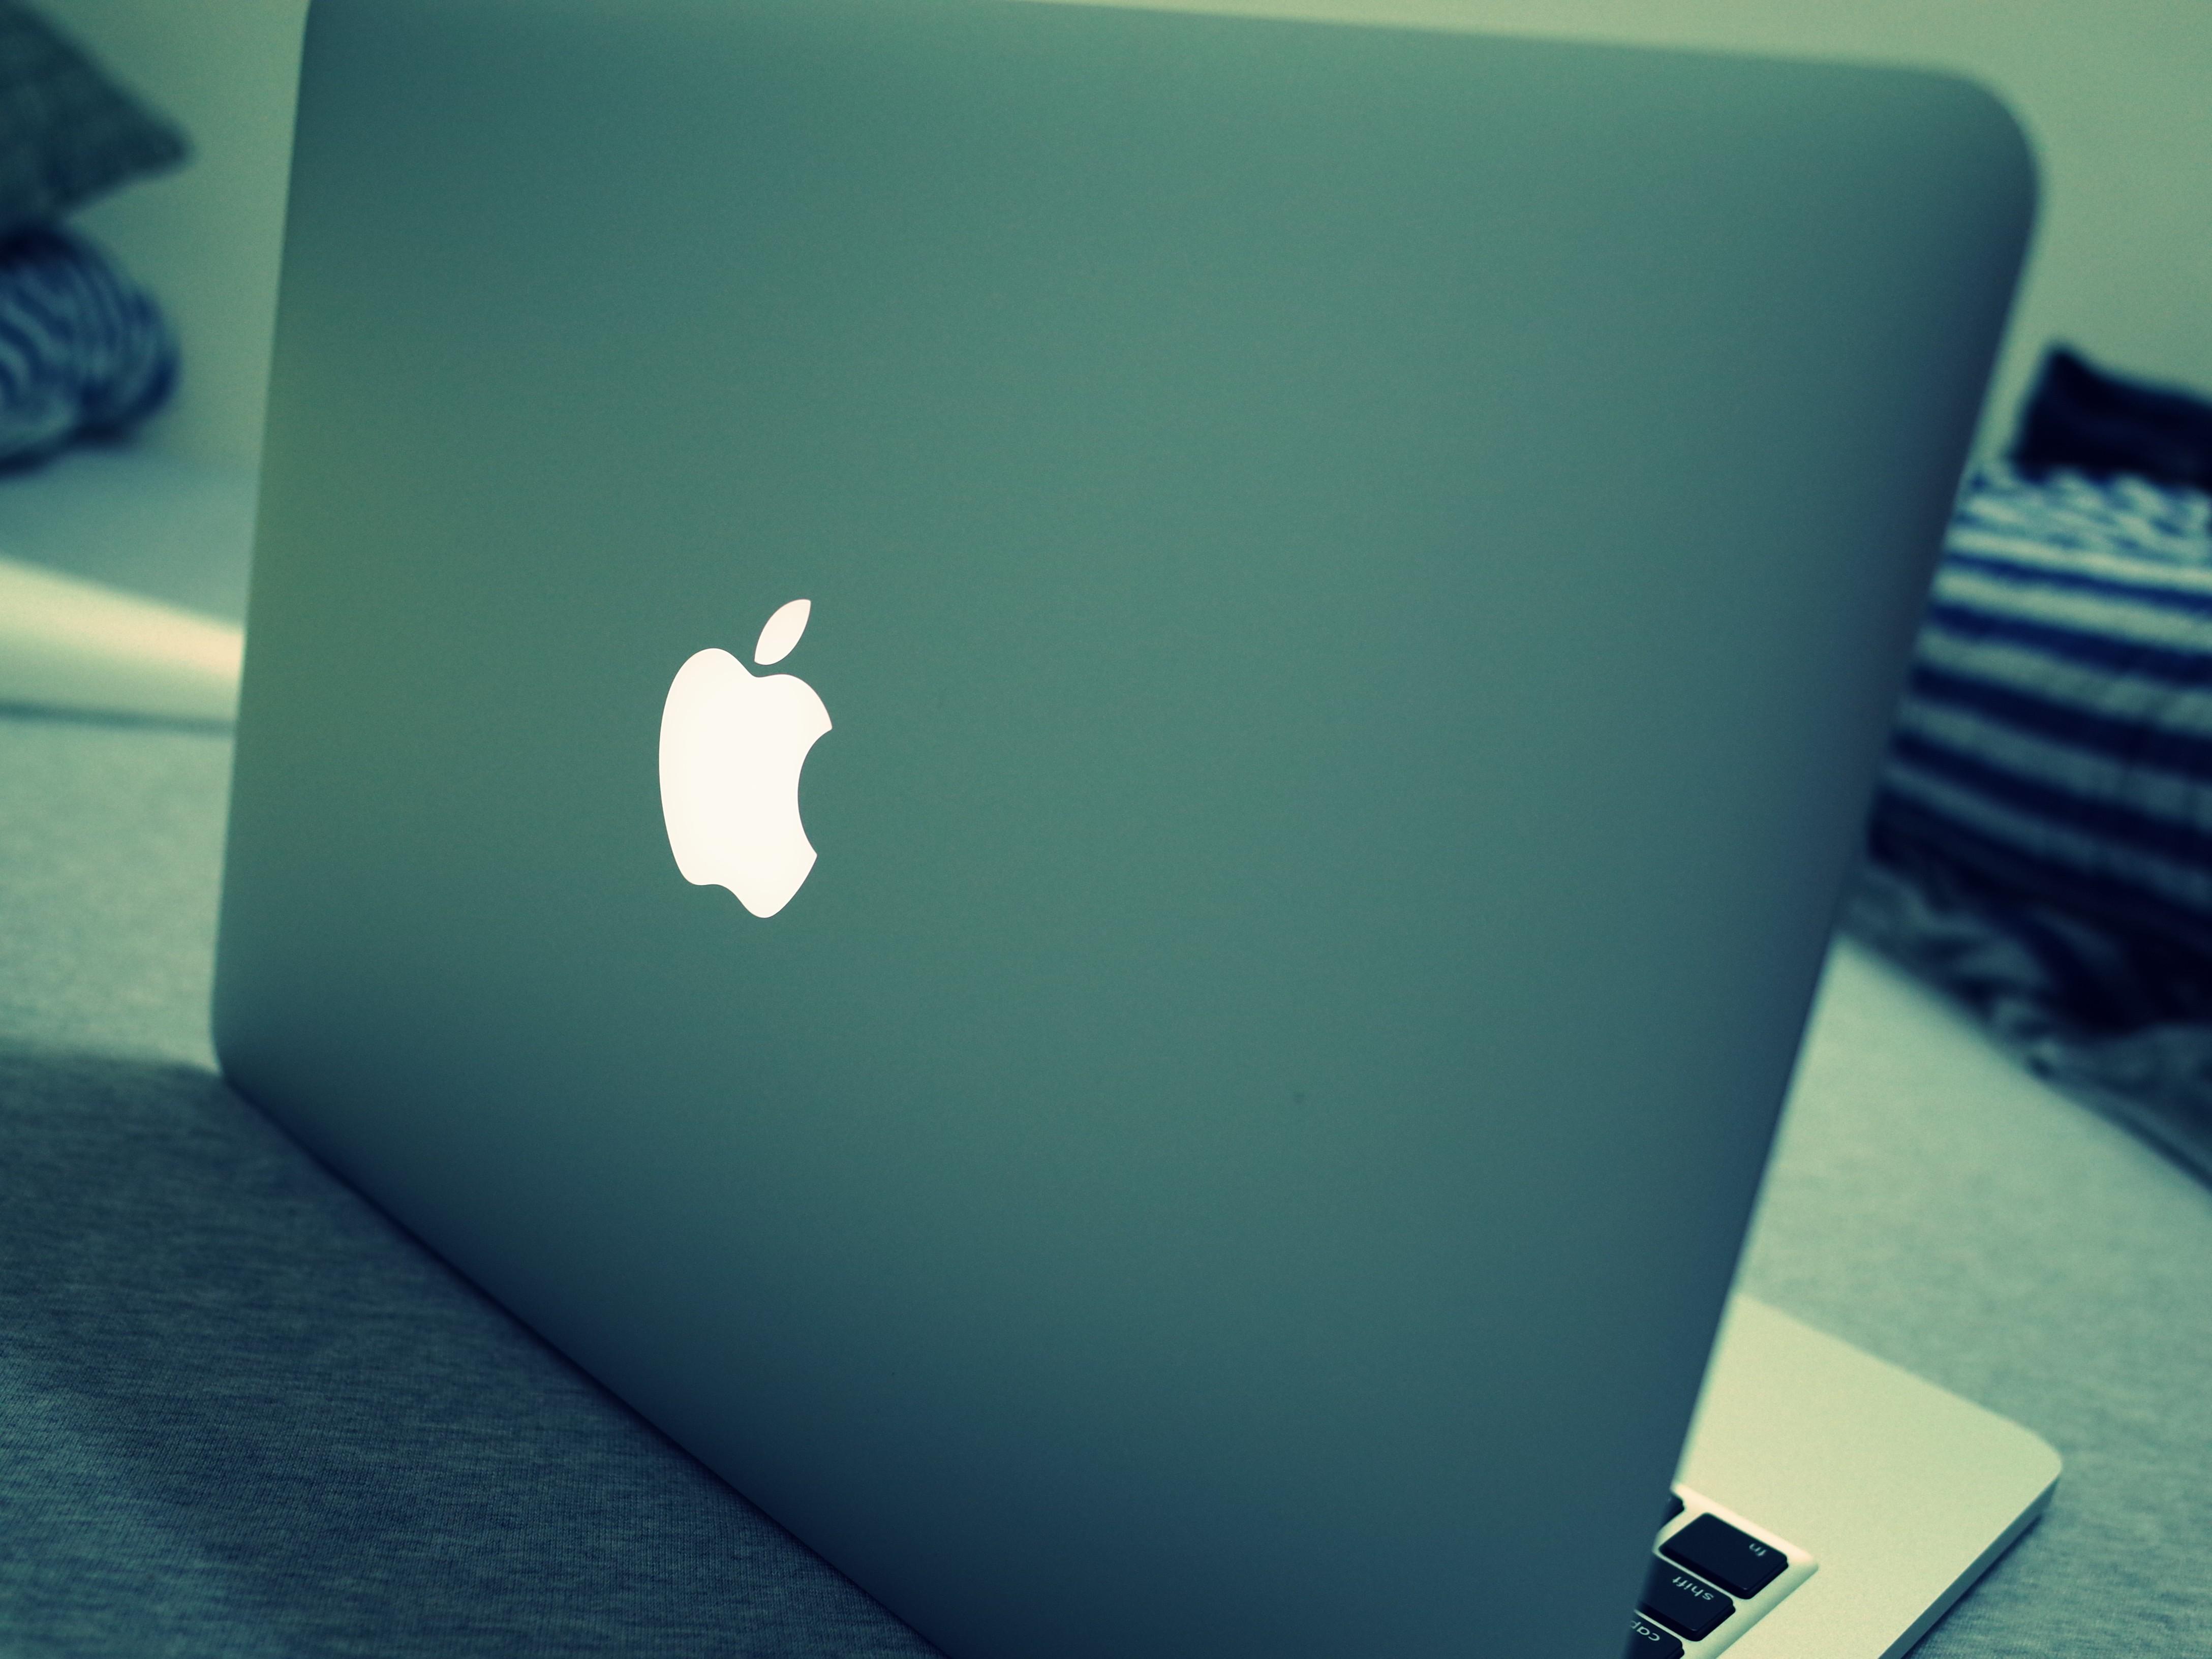 Sfondi Bianca Macbook Verde Blu Il Computer Portatile Mac